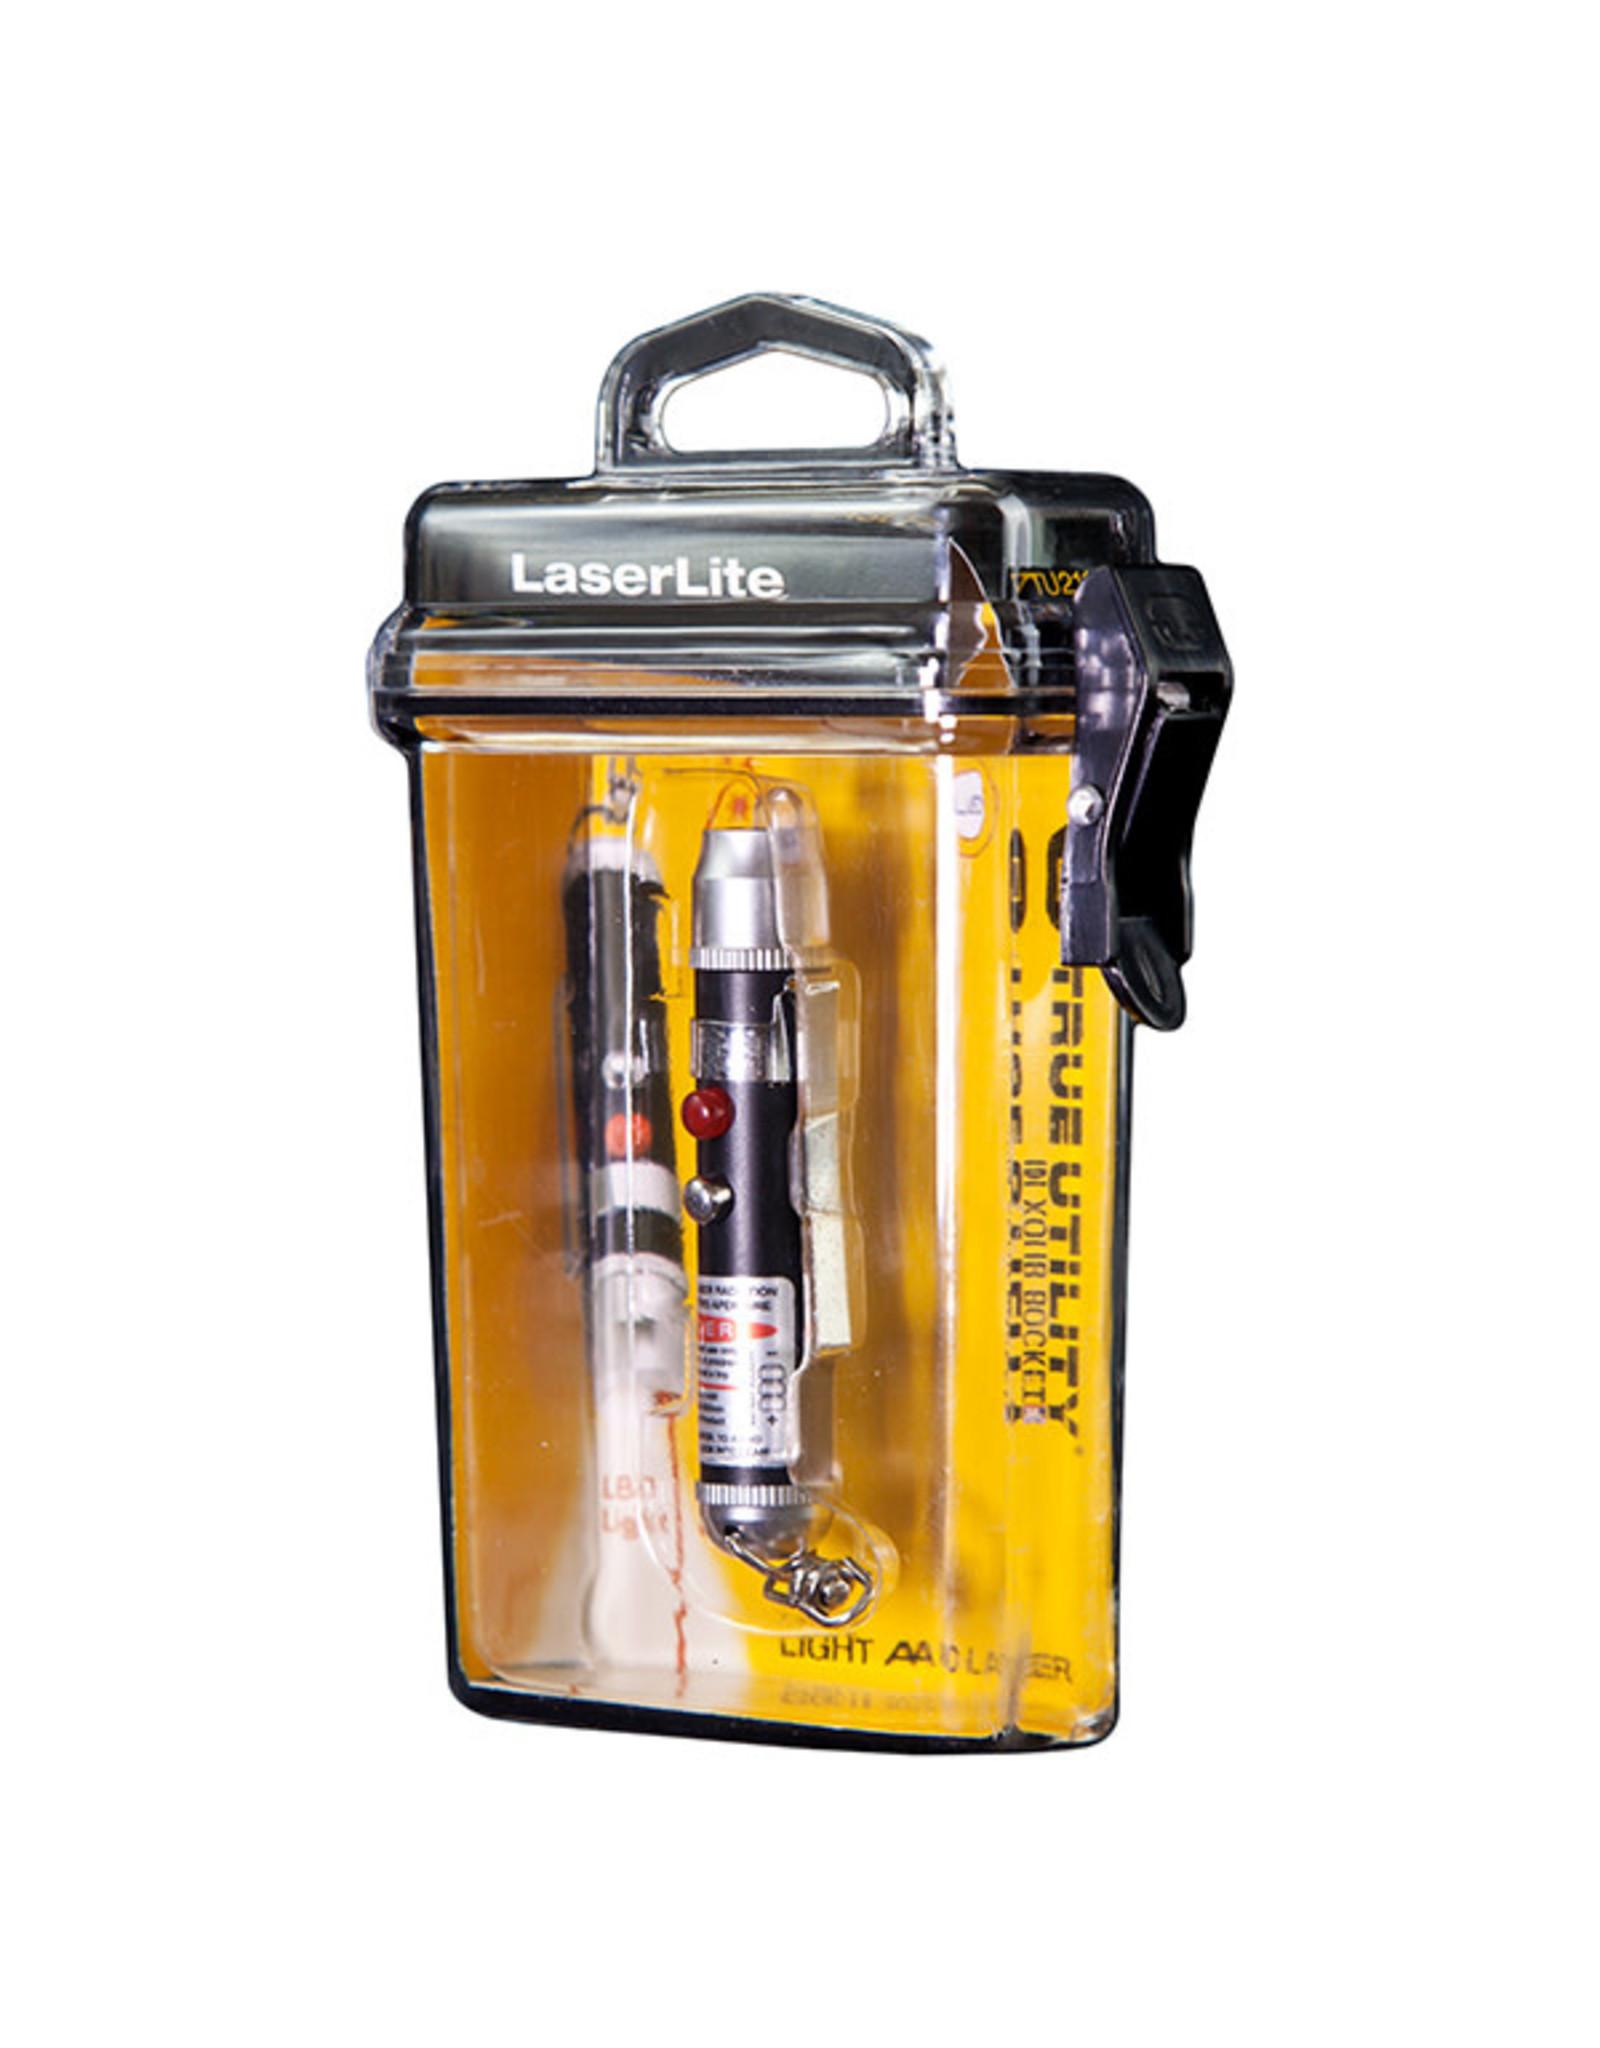 LaserLite